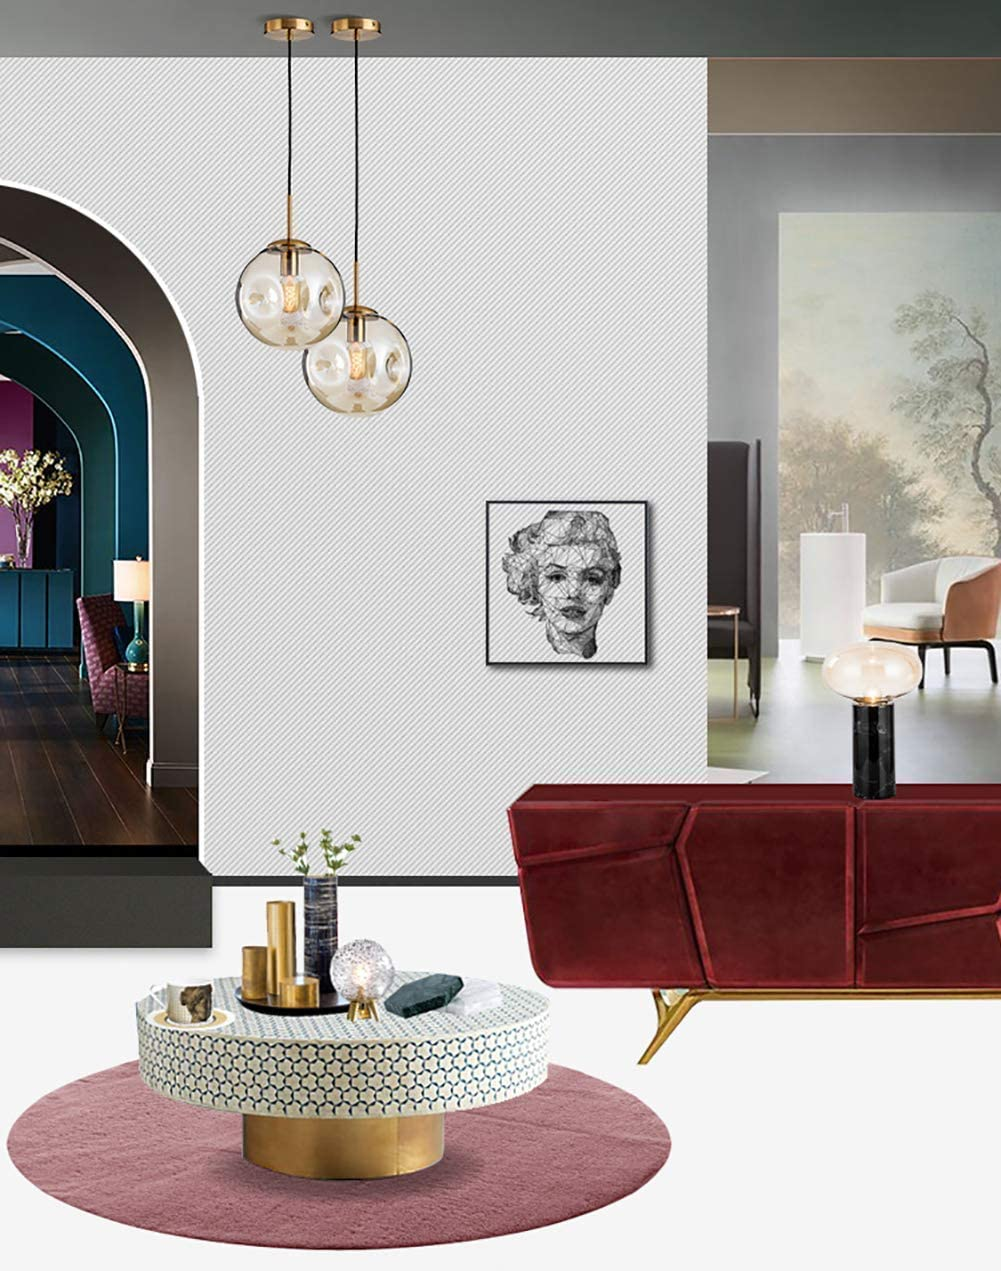 TMPJJ Modern Glass Chandeliers Luxuriöse Hängelampe von Kitchen Island Hanging Lighting im Industrieloft Half-Flush Deckenleuchte mit 2 Leuchten aus c-Amber 2-hell-b-rauchgrau